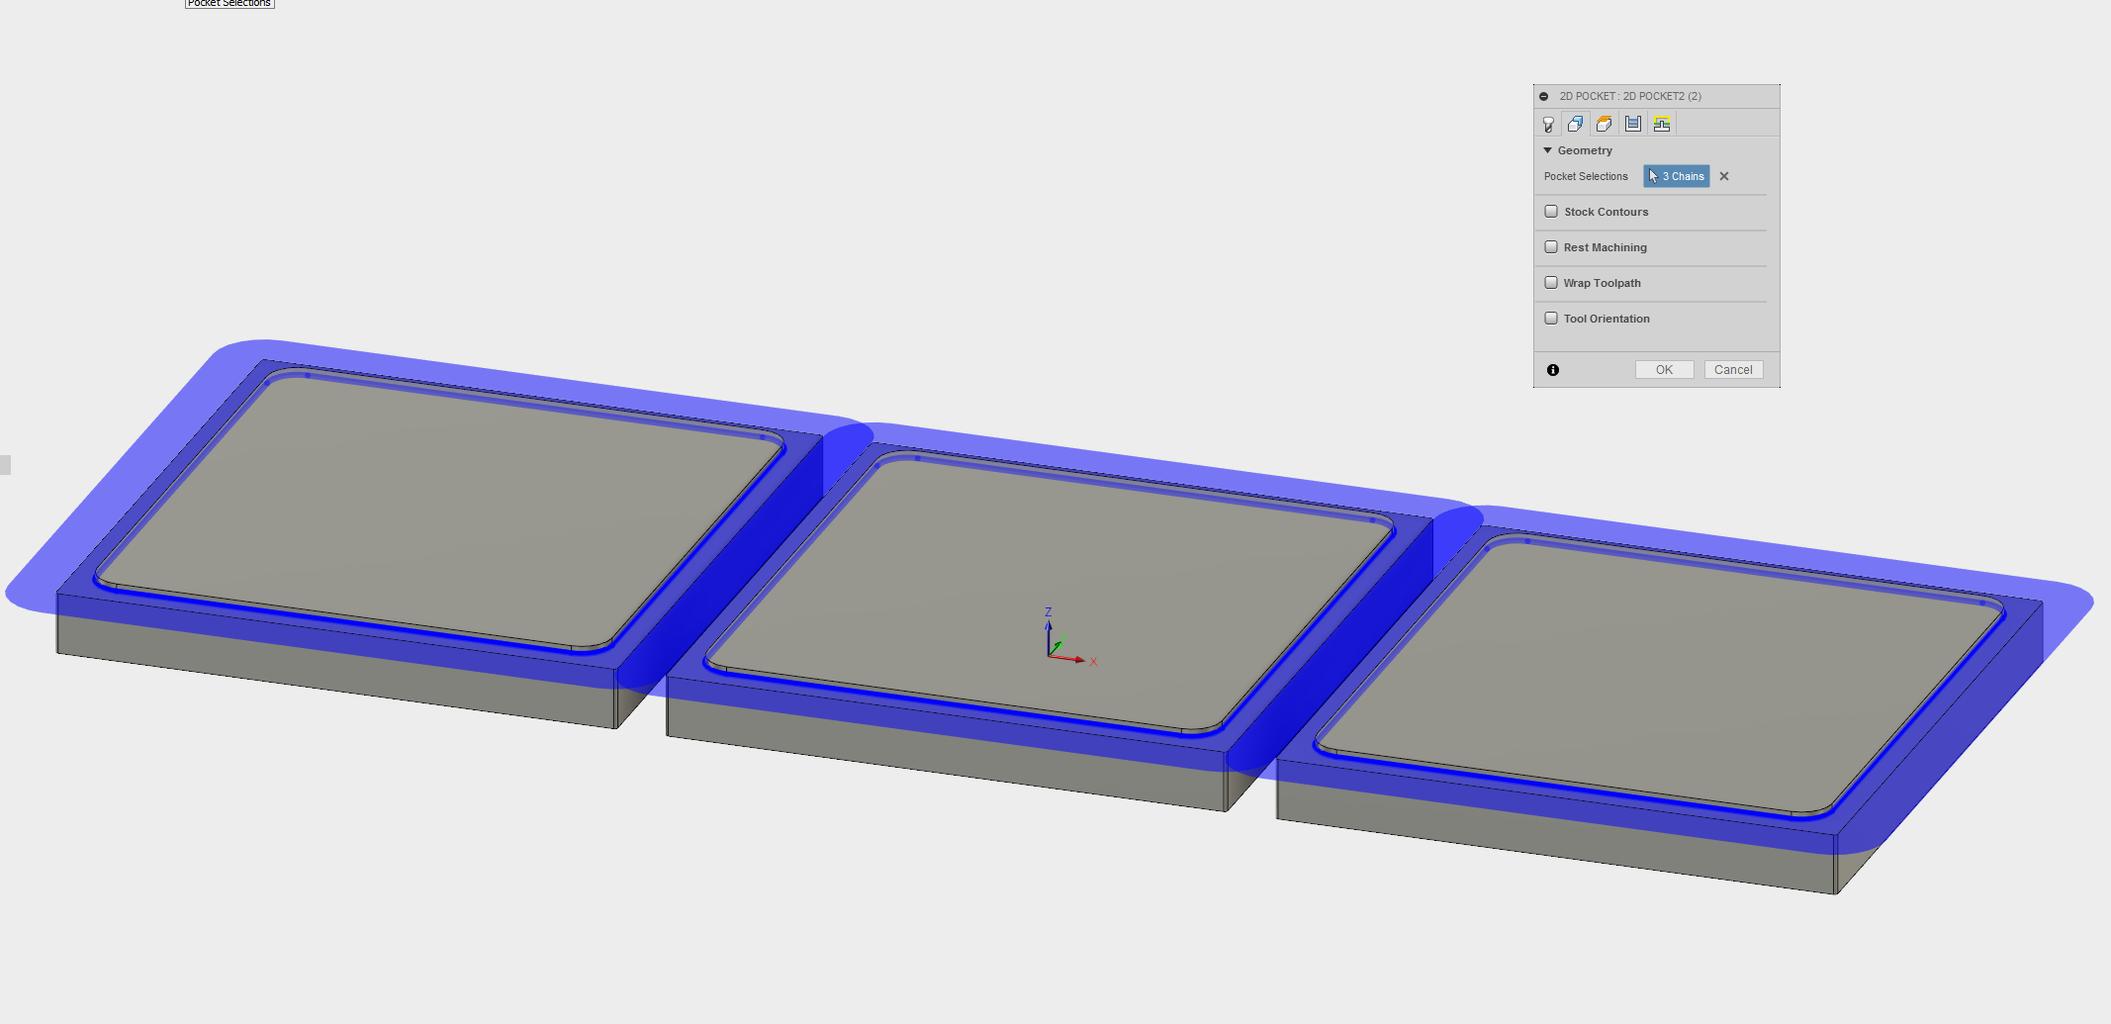 Setup2: 2D Pocket